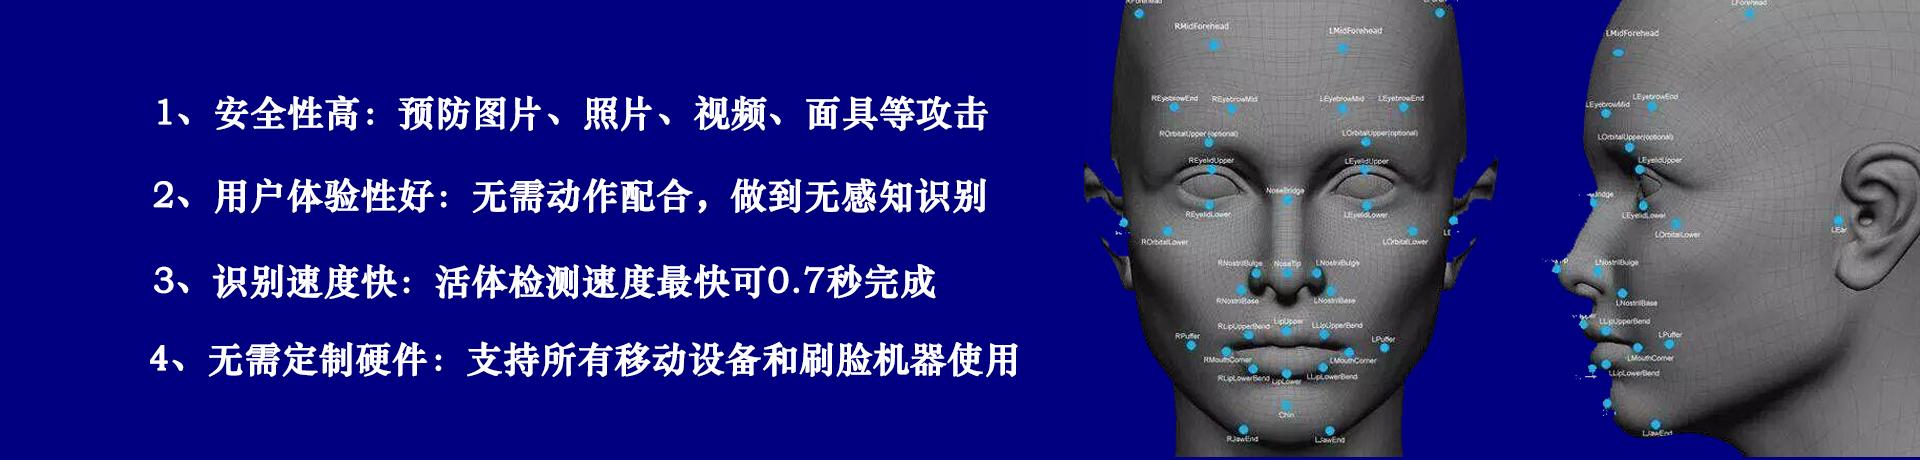 公司智能刷脸考勤管理优势有哪些